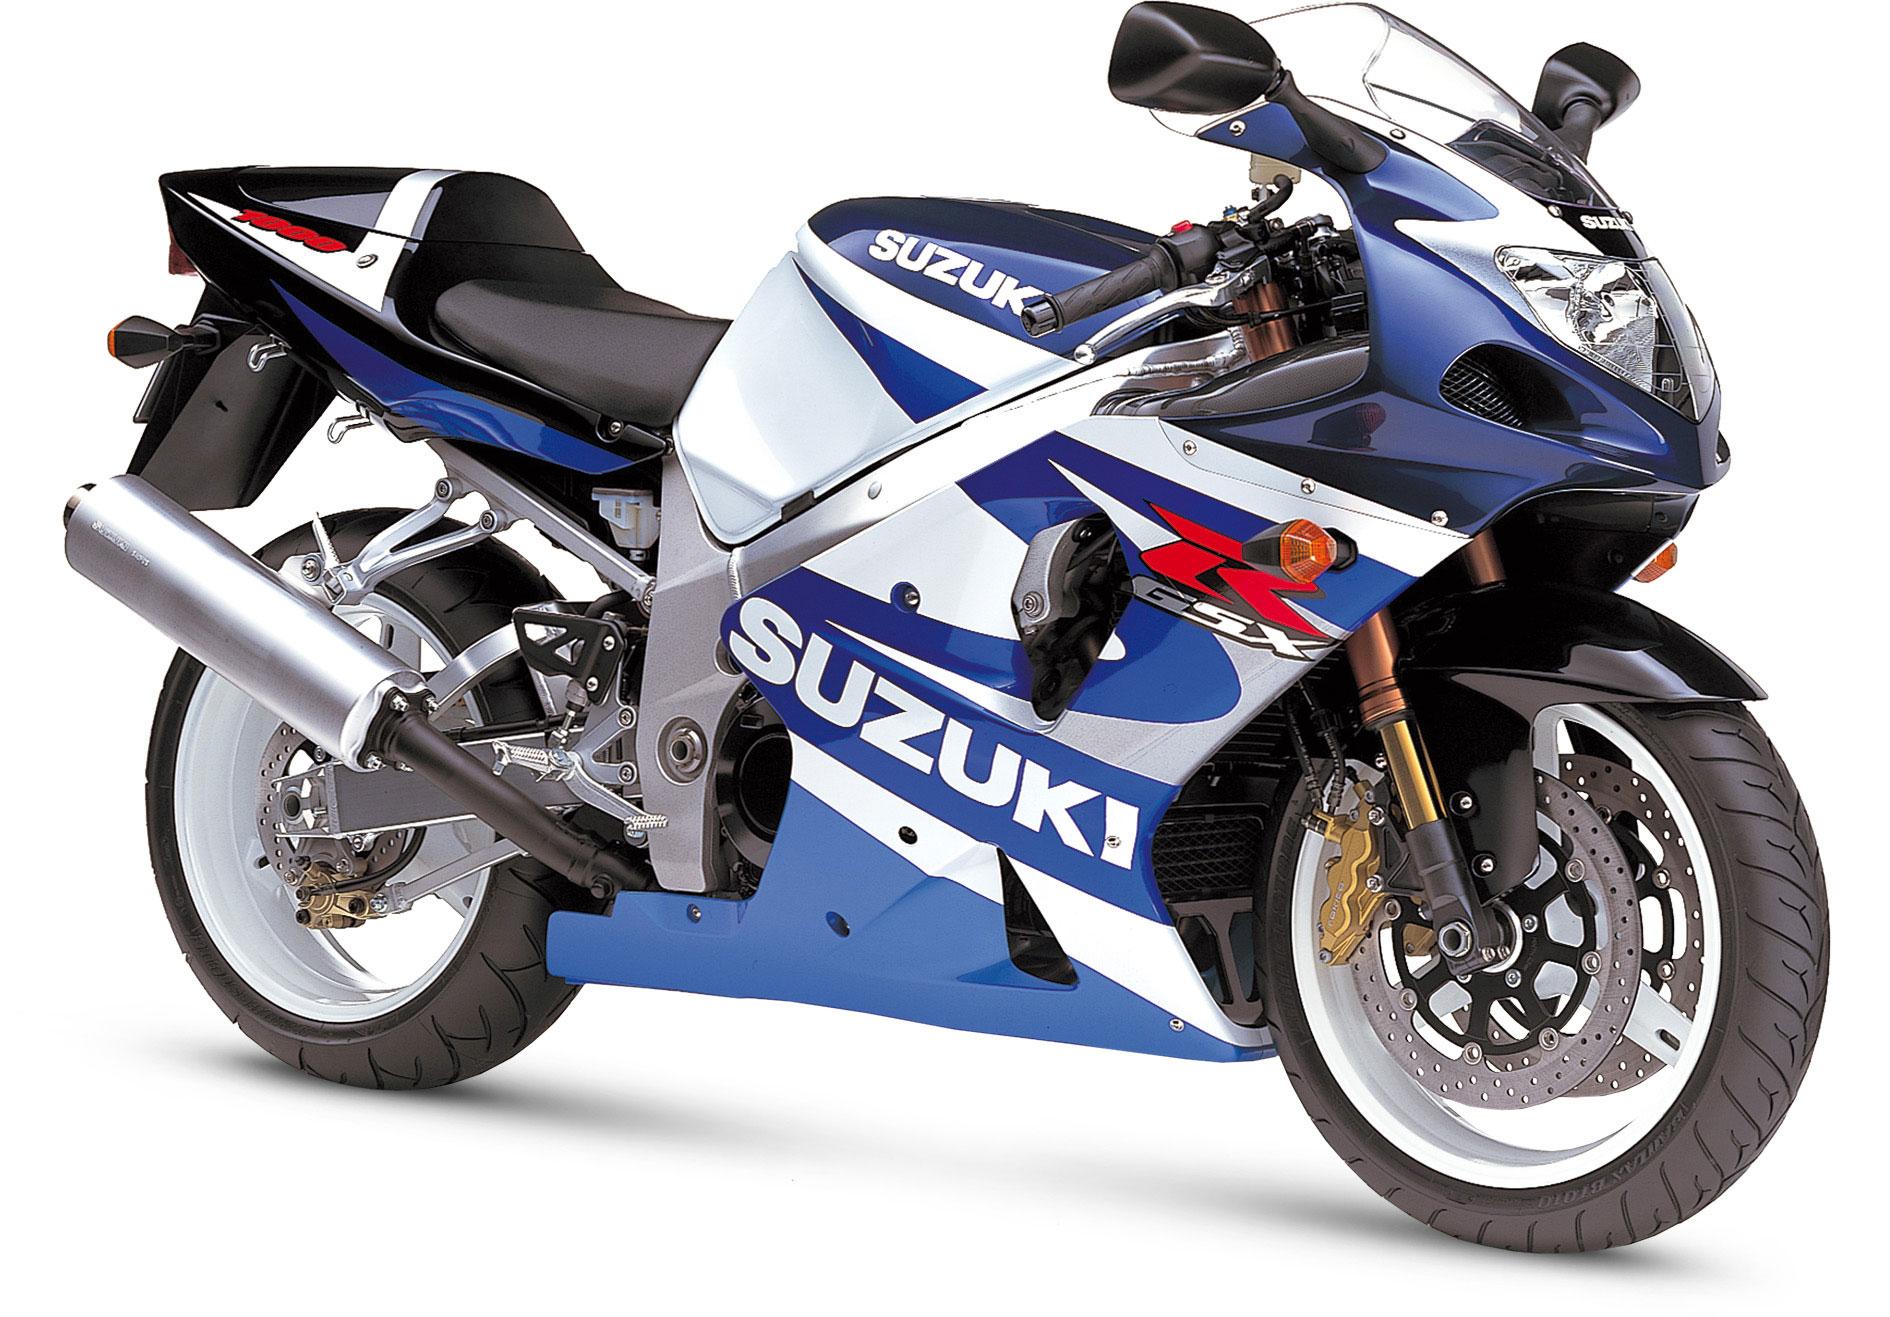 2001-Suzuki-GSX-R1000a